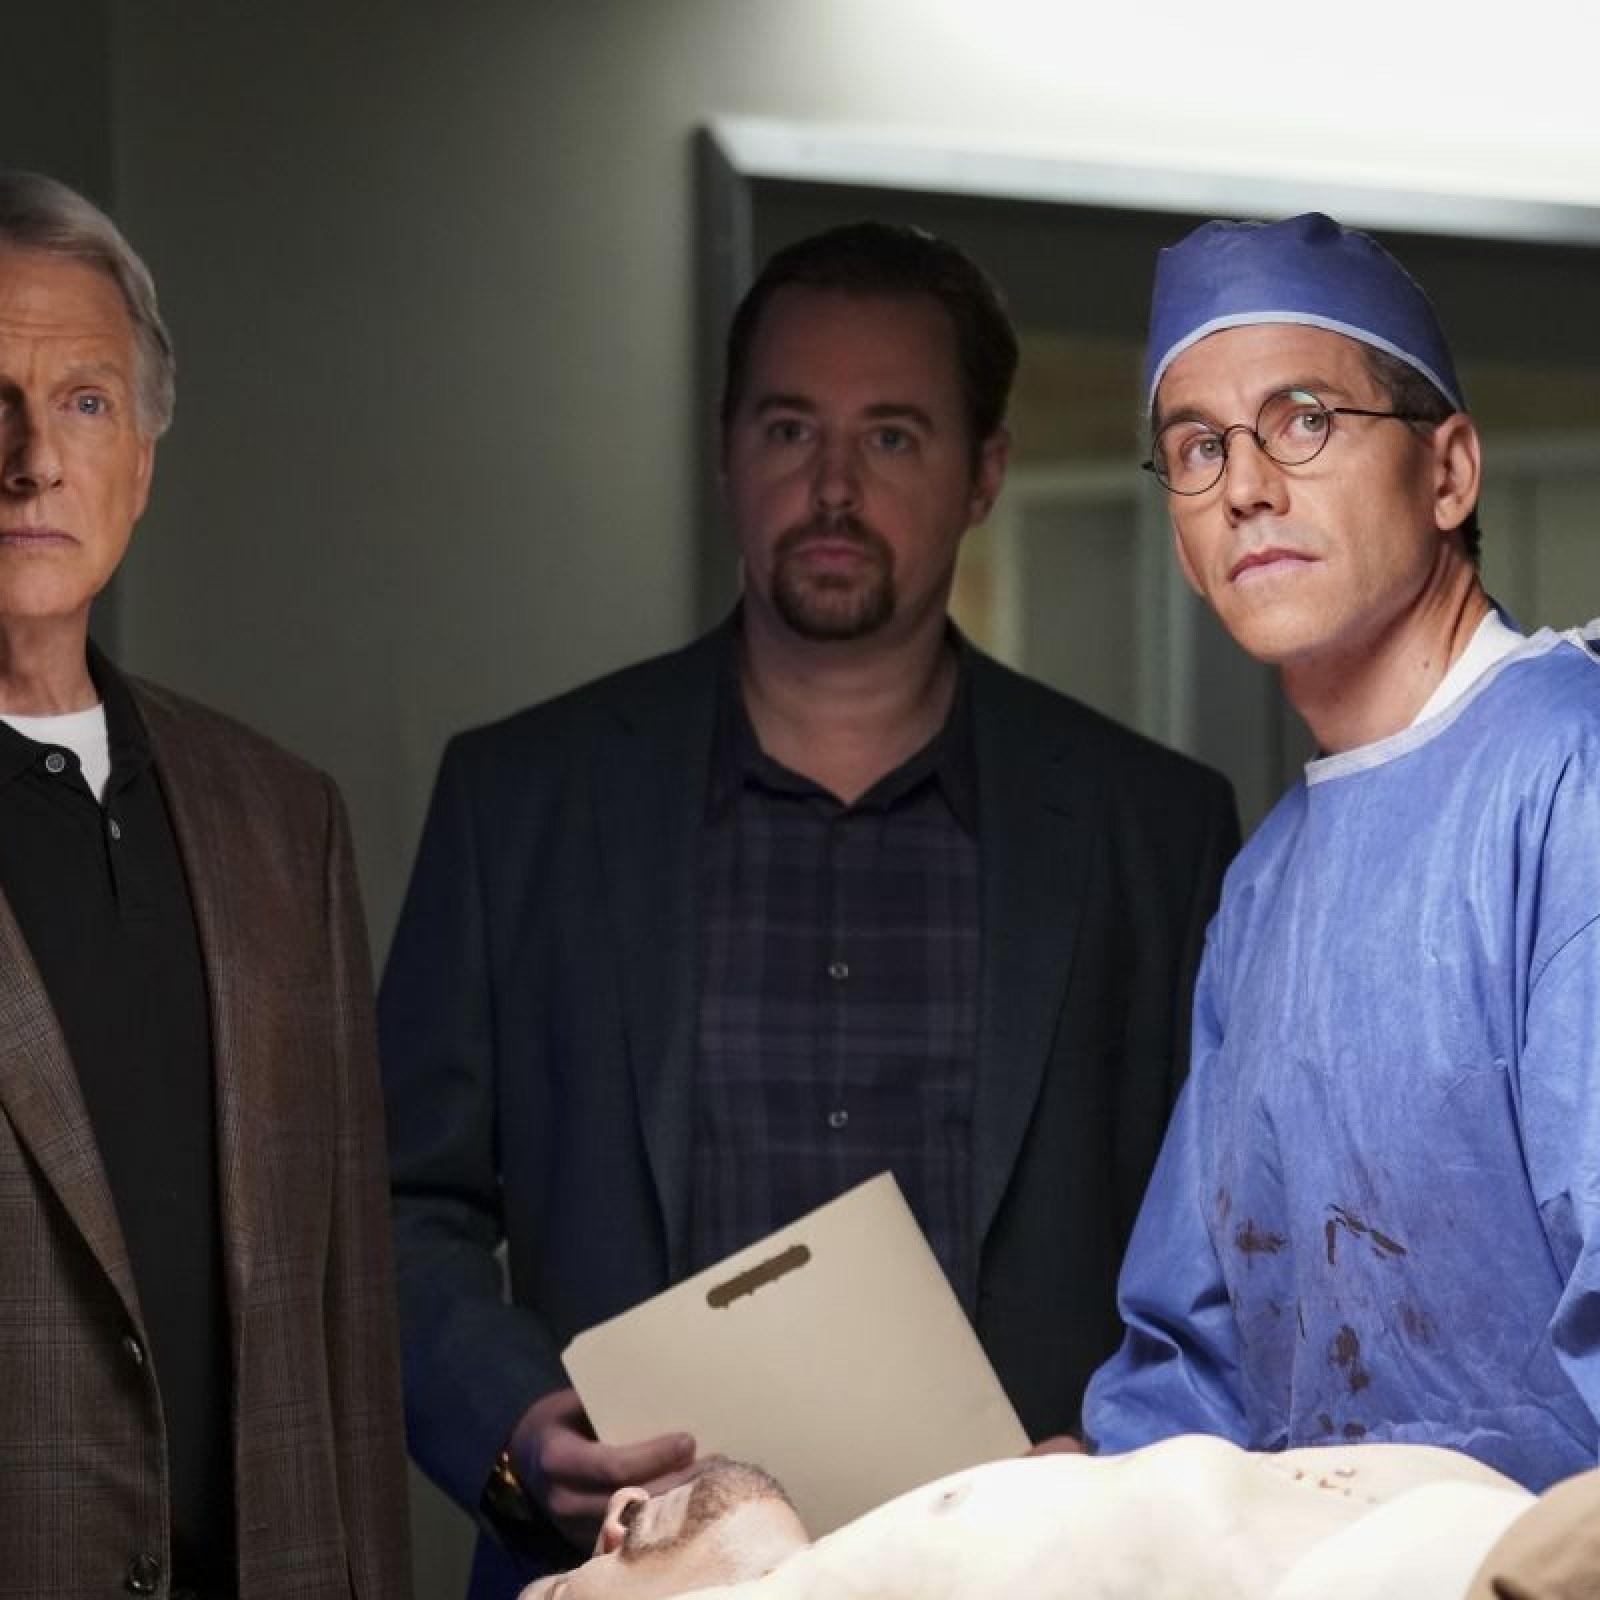 NCIS' Season 16 Premiere Spoilers, Photos: What's Gibbs' New